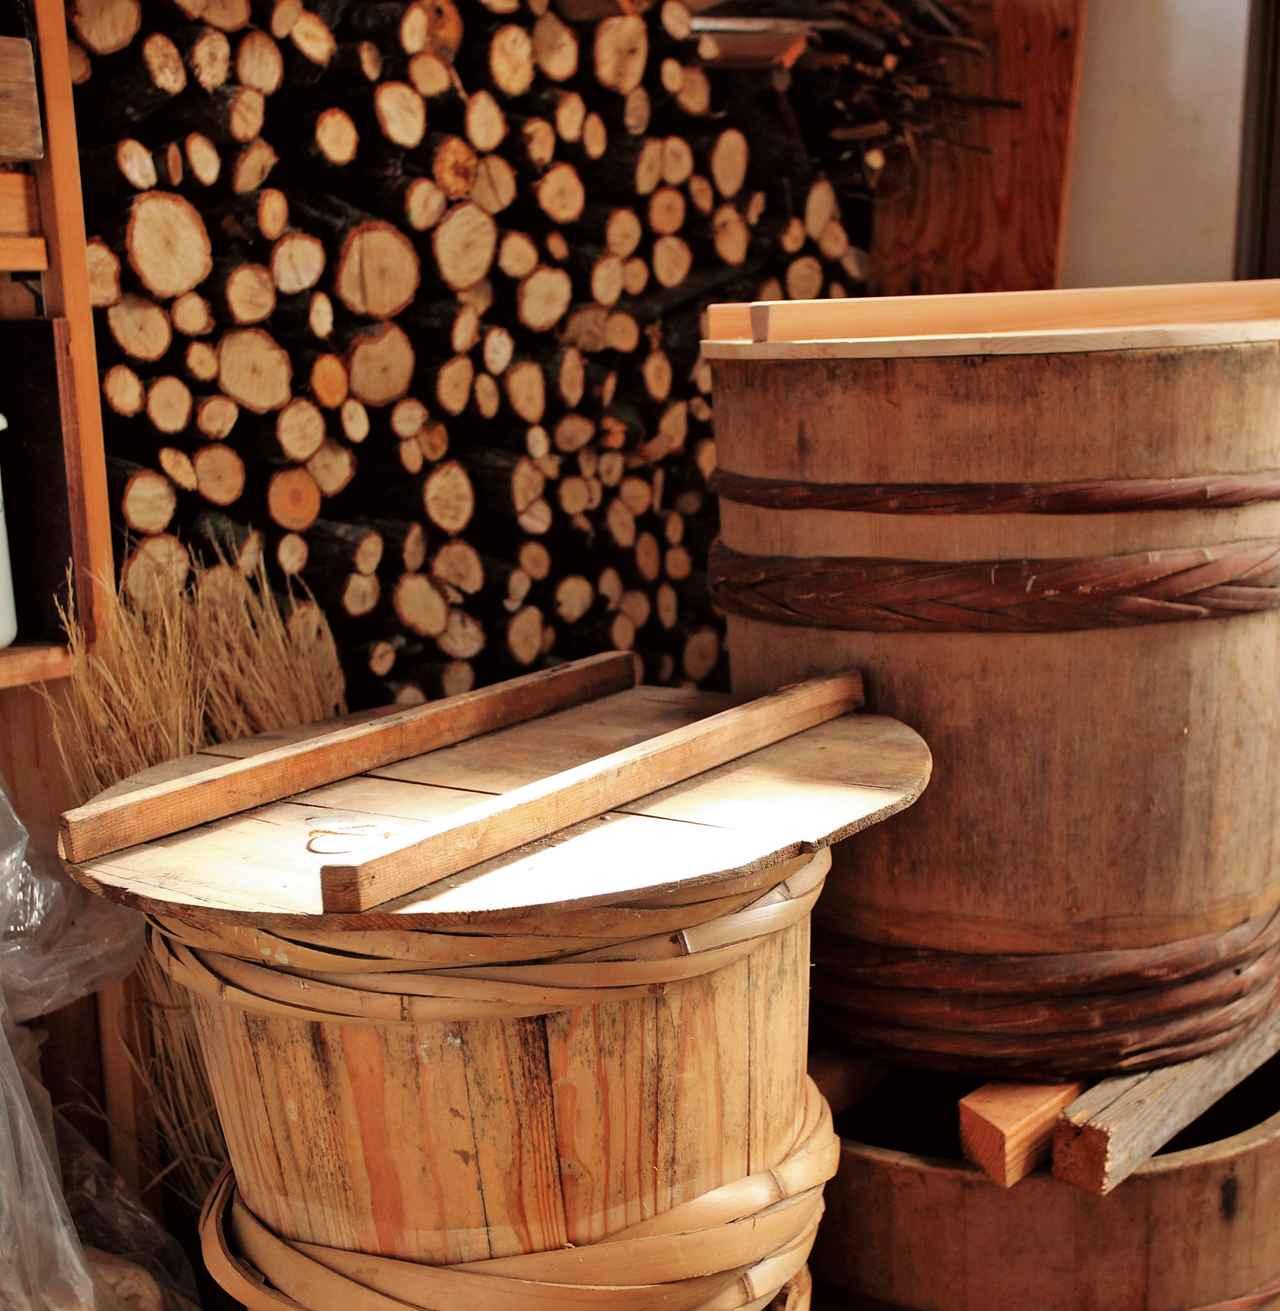 画像: 実家で用いていた漬物樽を使っている。「いまではほとんど売っていない木製の立派な樽なので大事に使いたい」